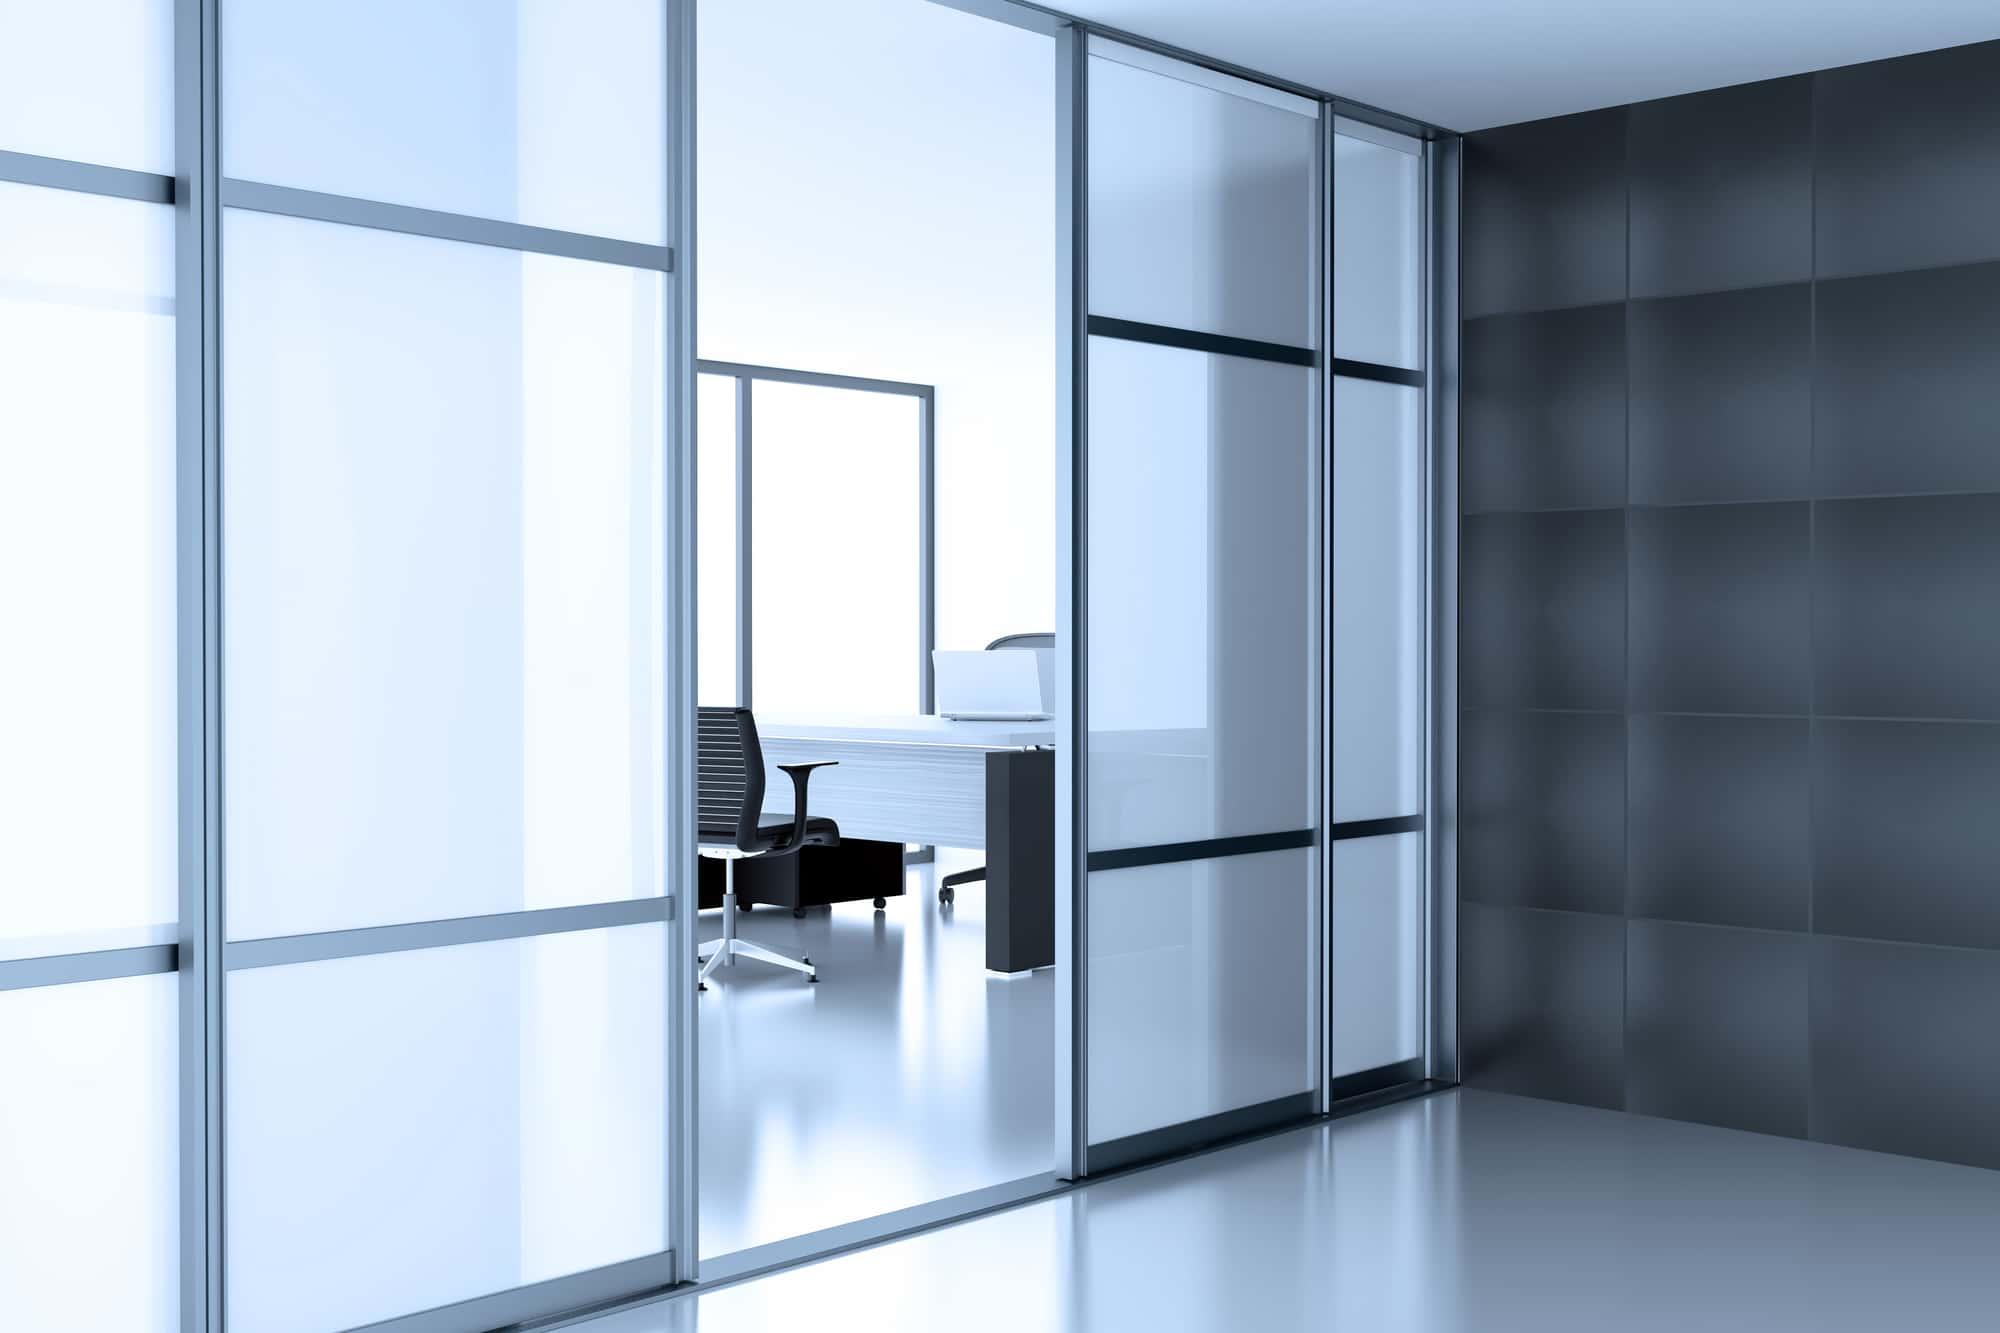 glass door in white room